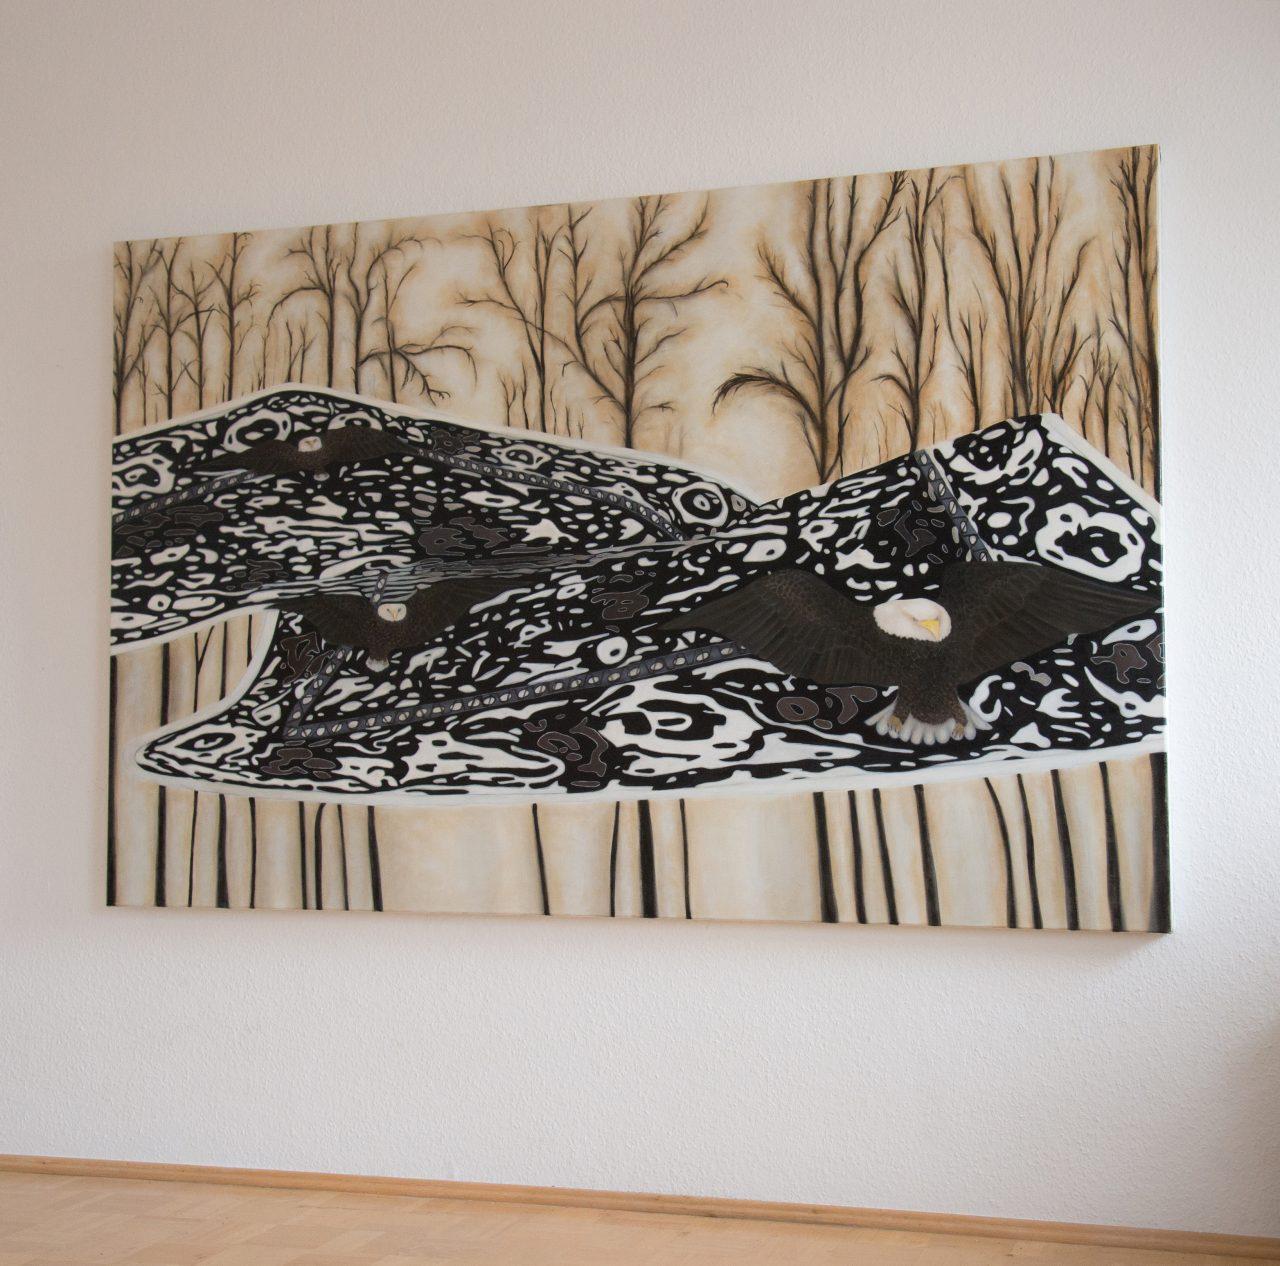 Adler-Teppich, Öl auf Leinwand, 130 x 180 cm, 2016